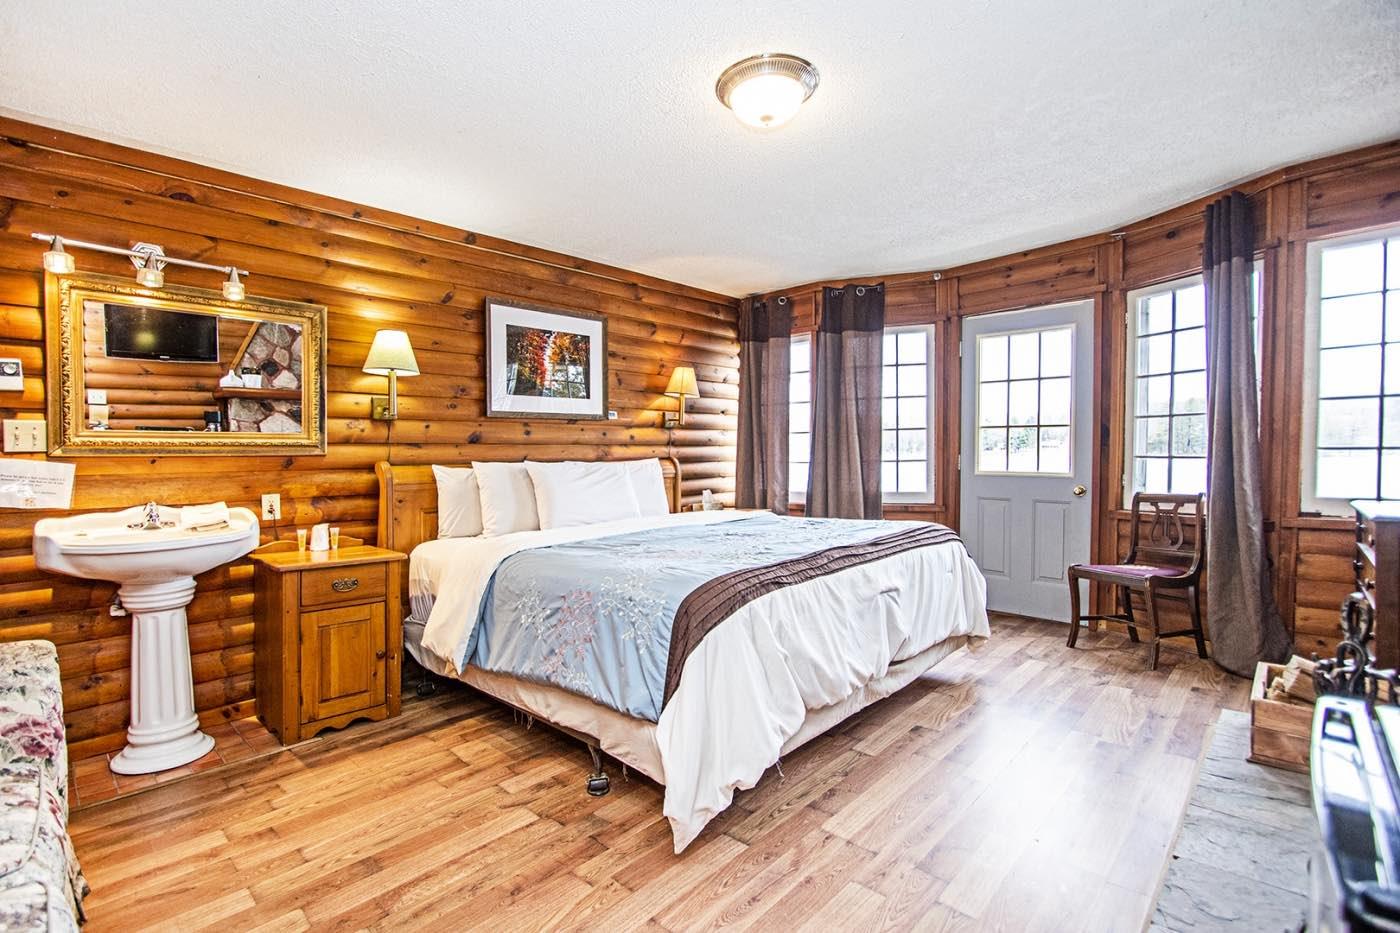 Bonnie View Inn Haliburton Hotels log cabin room